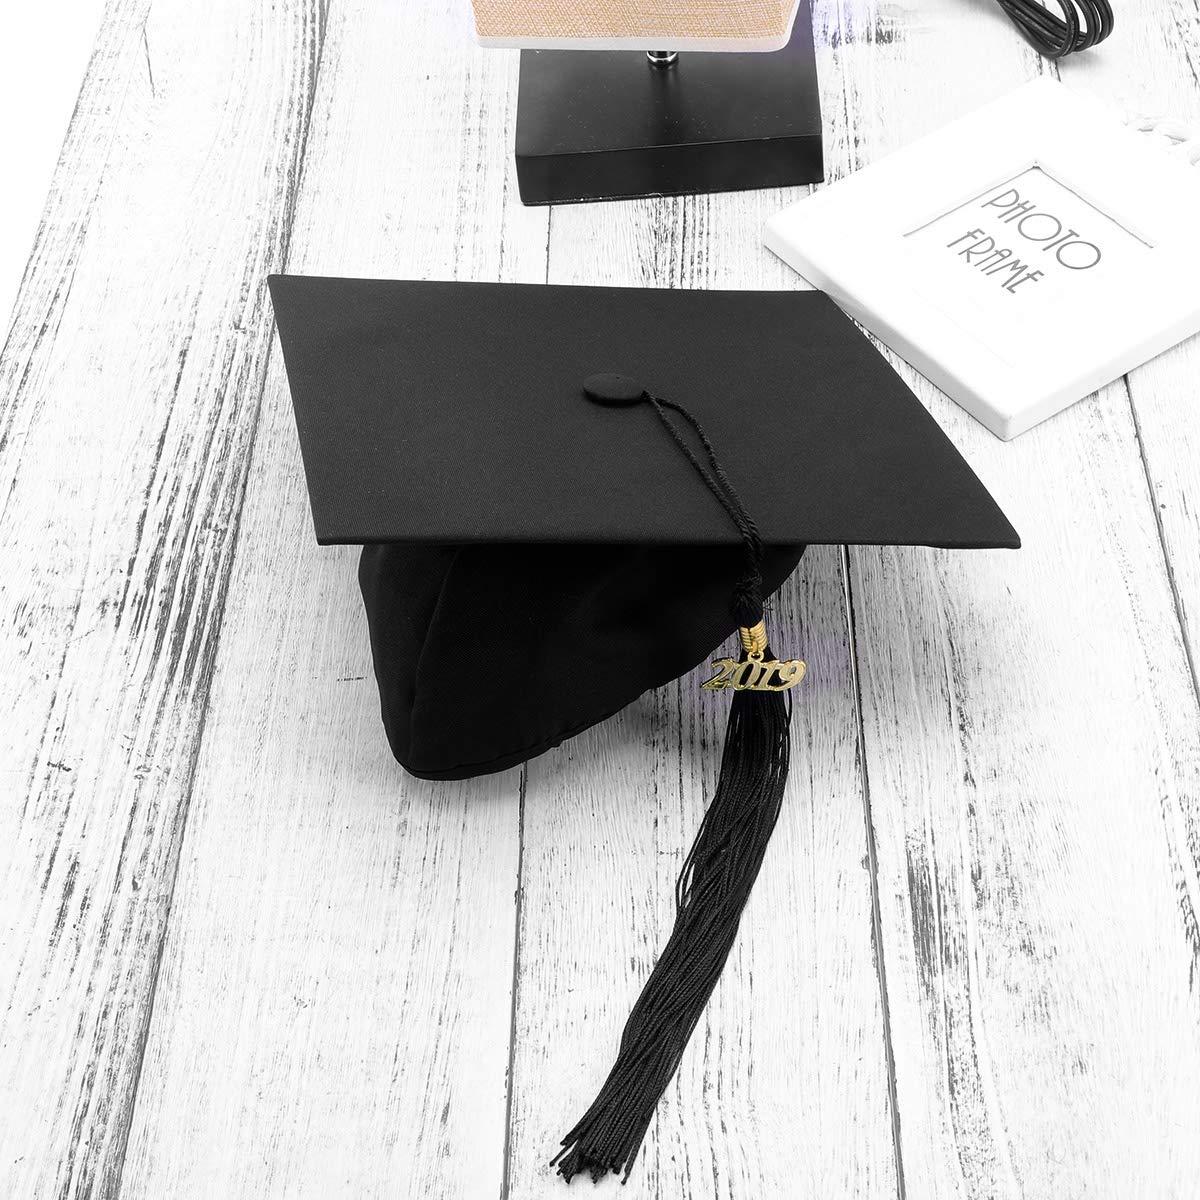 Amosfun Staffelungskappe Hut 2019 einstellbare Erwachsene Student M/örtel Bord Staffelungshut M/ütze Kost/üm Abschlussfeier Foto Requisiten